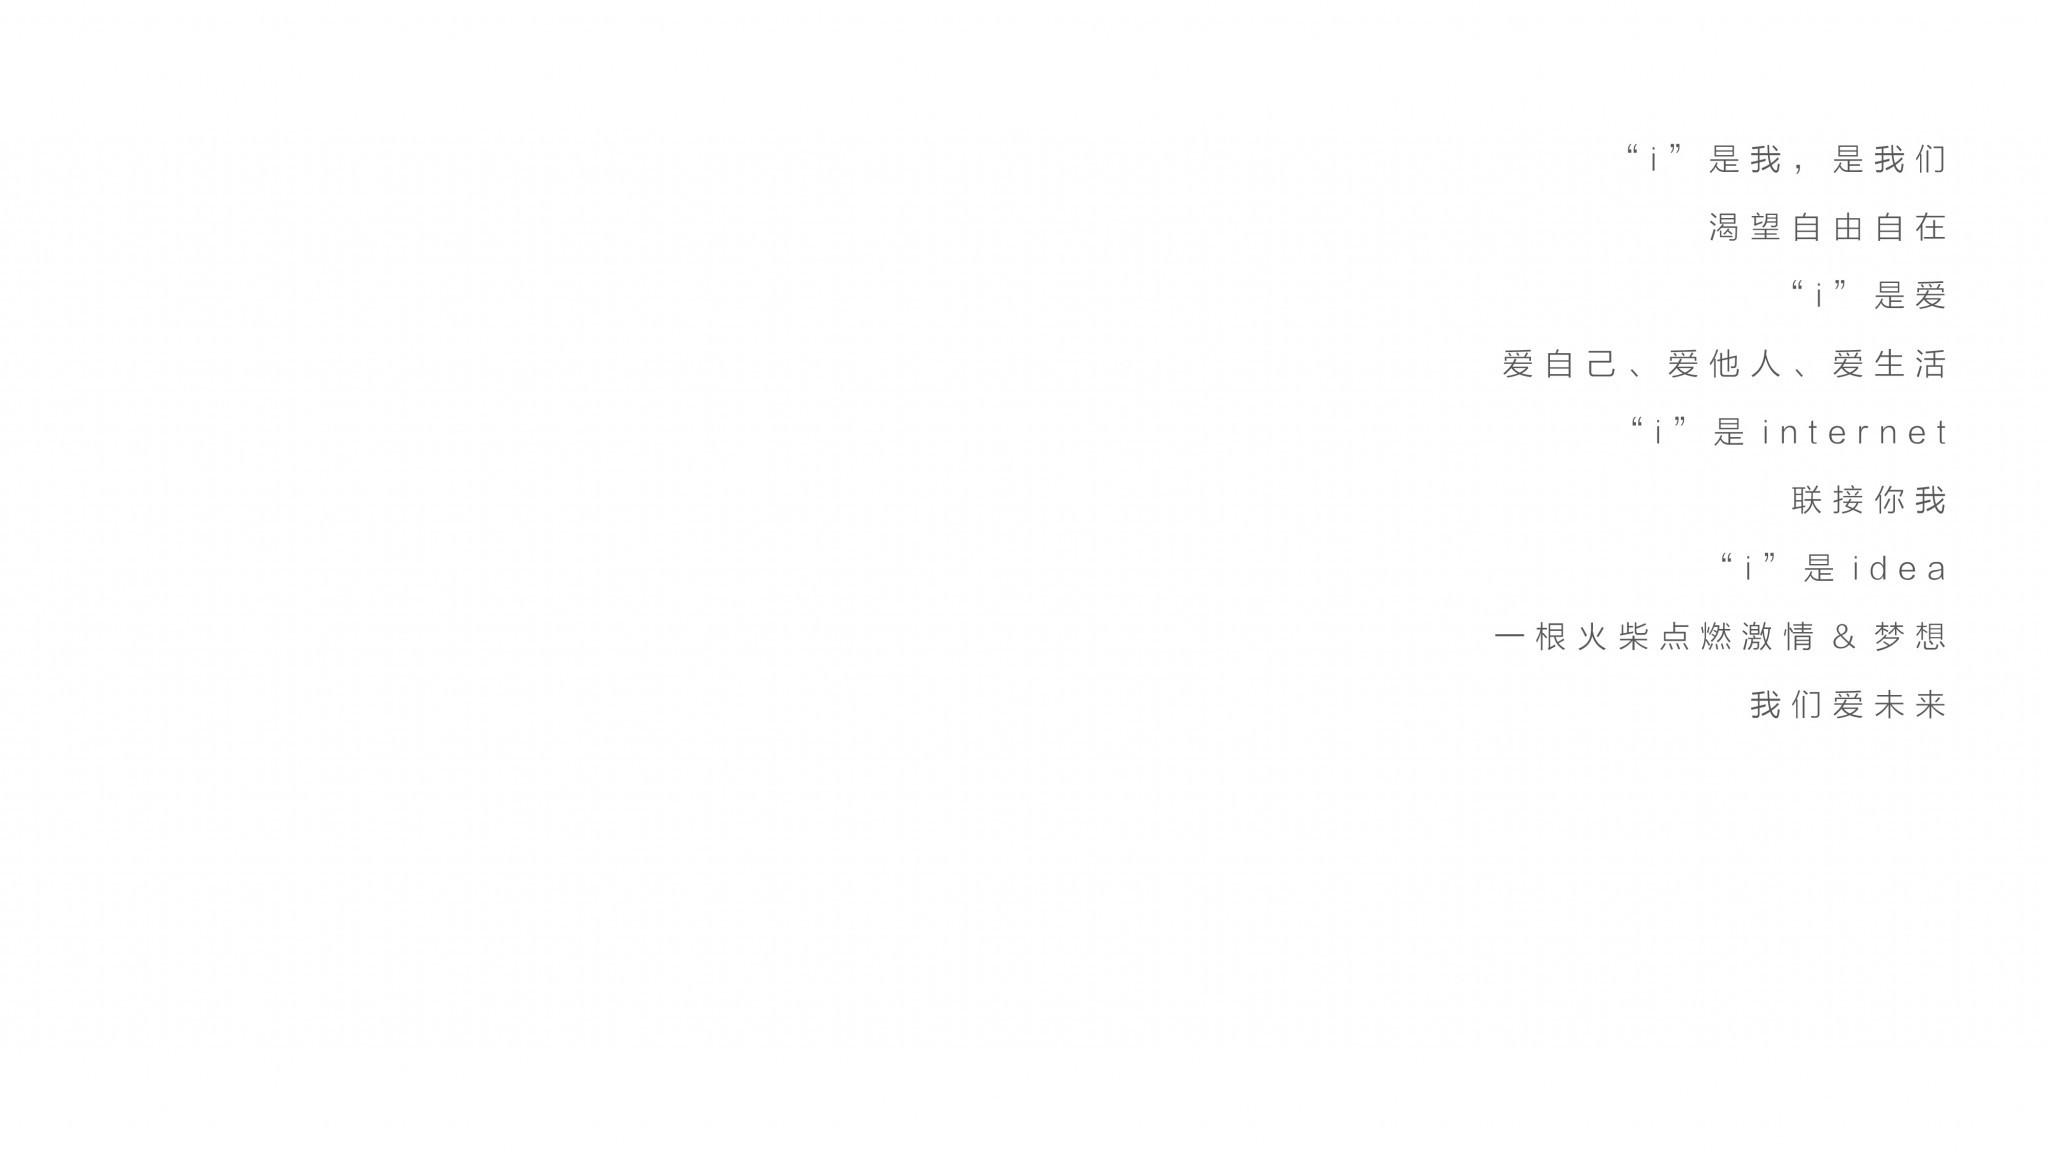 简介部分-02